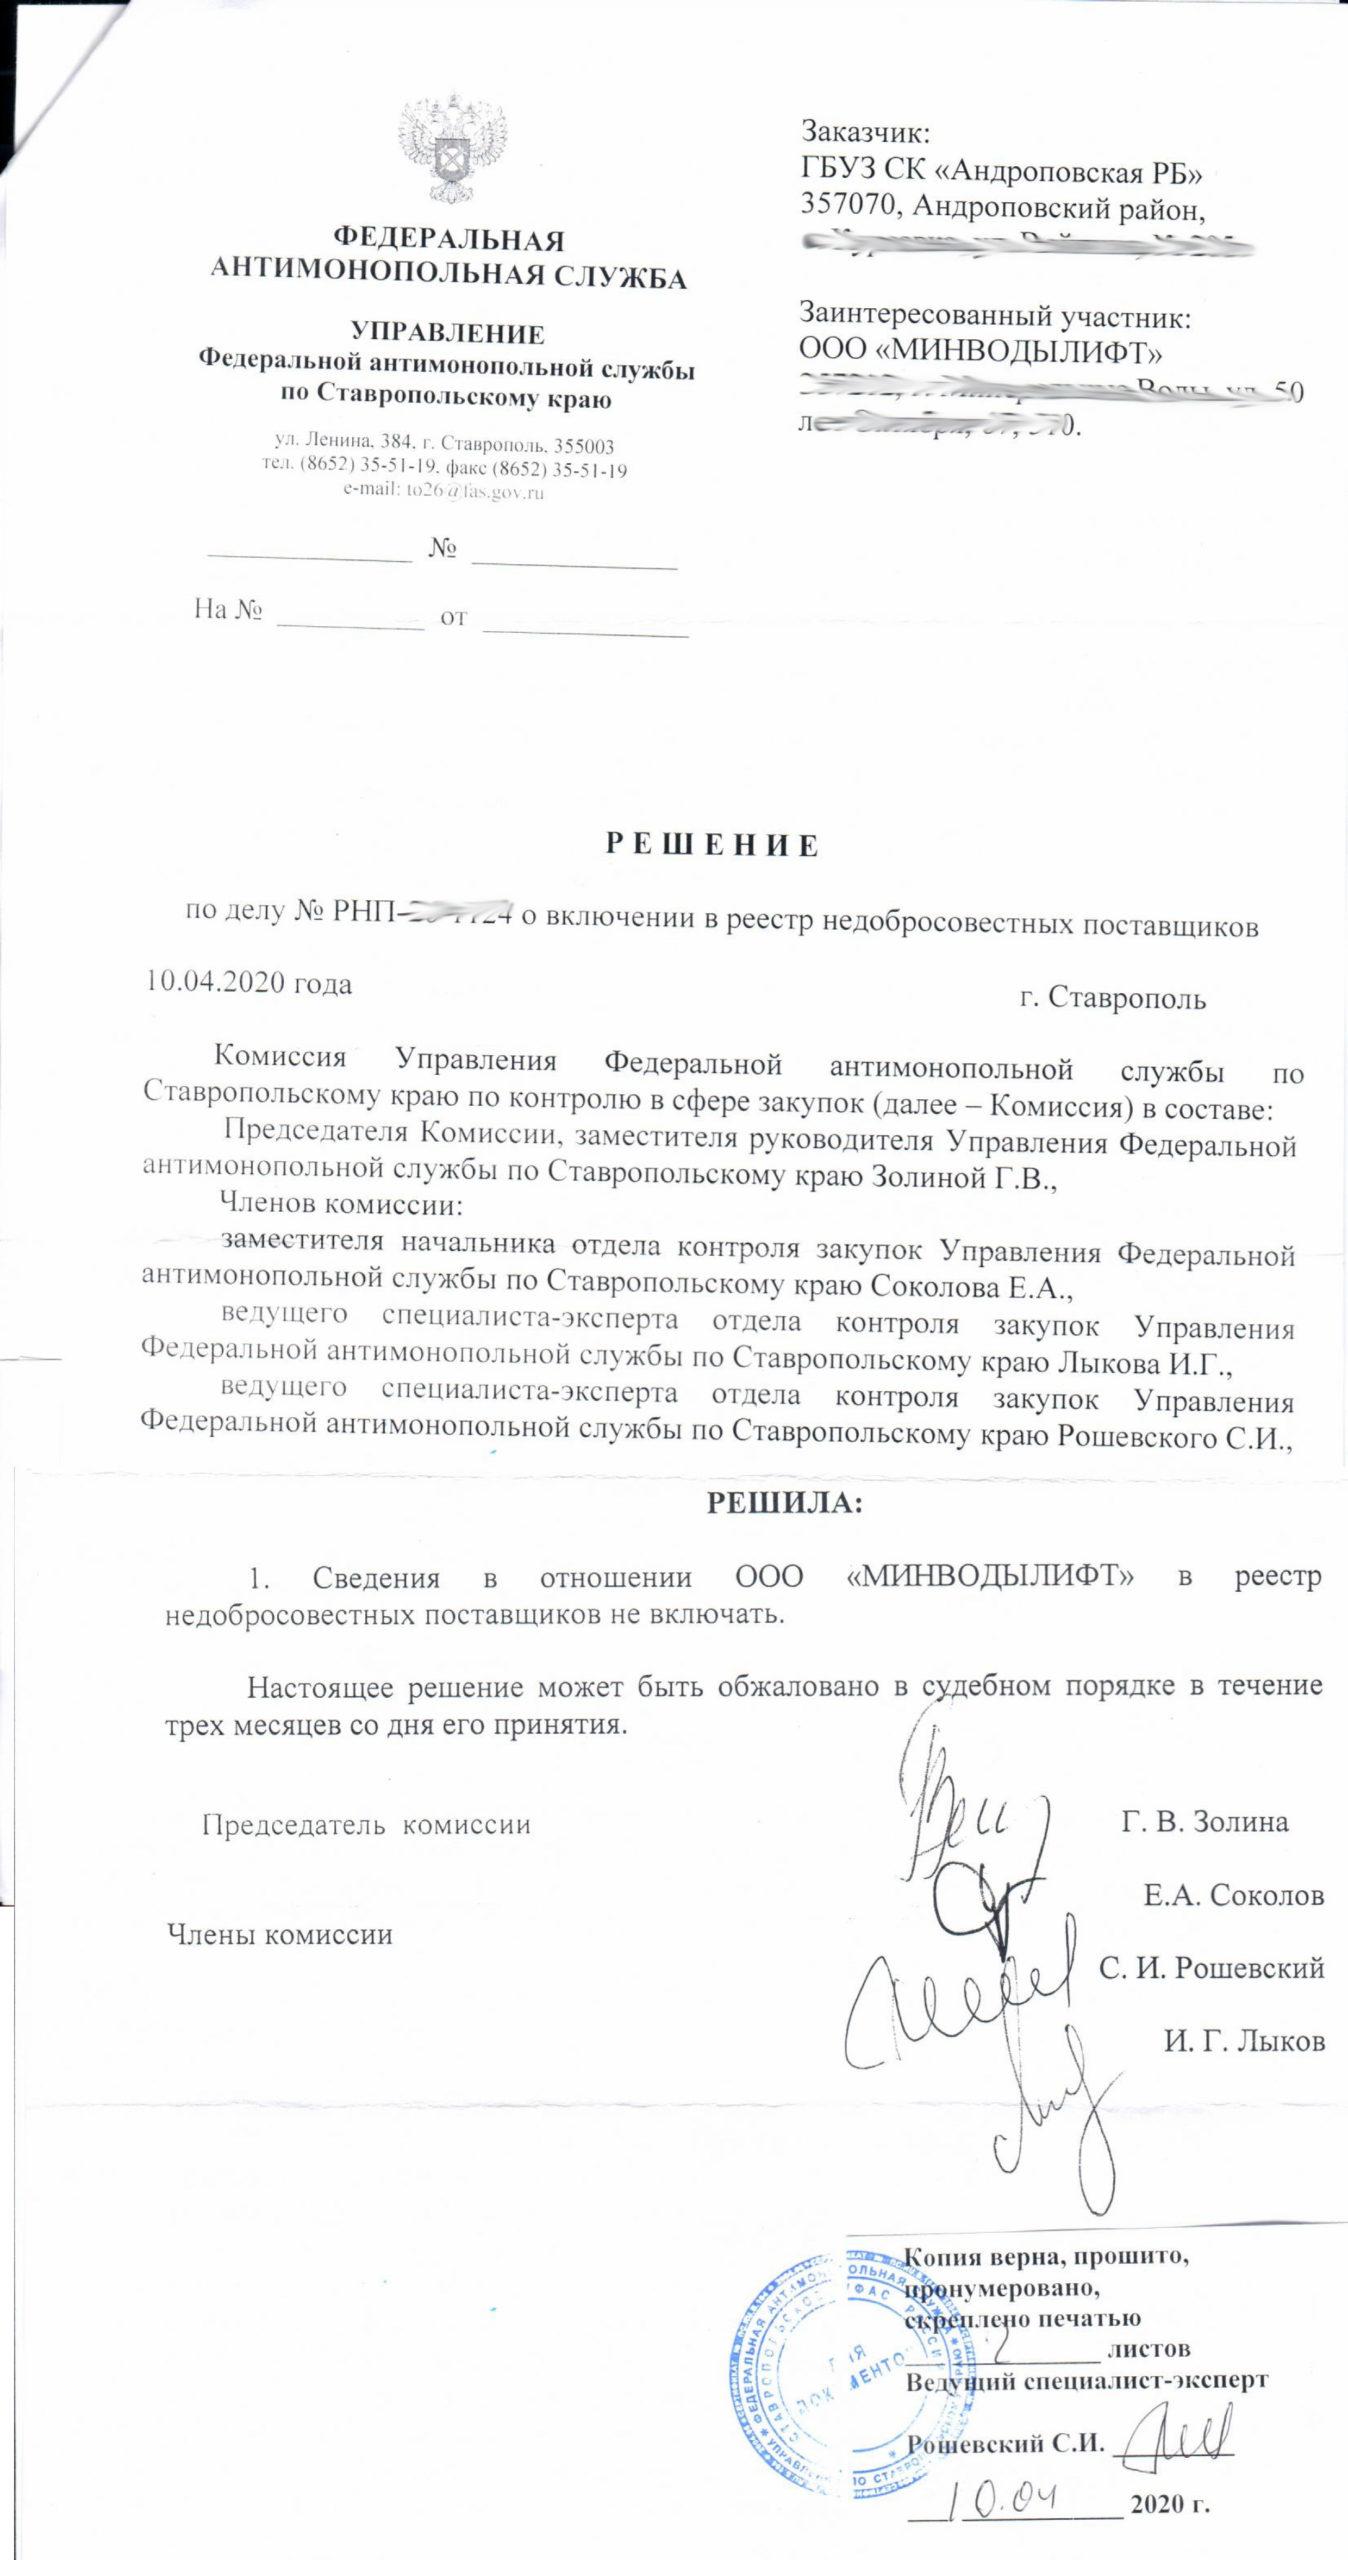 Ставропольский УФАС Минводылифт